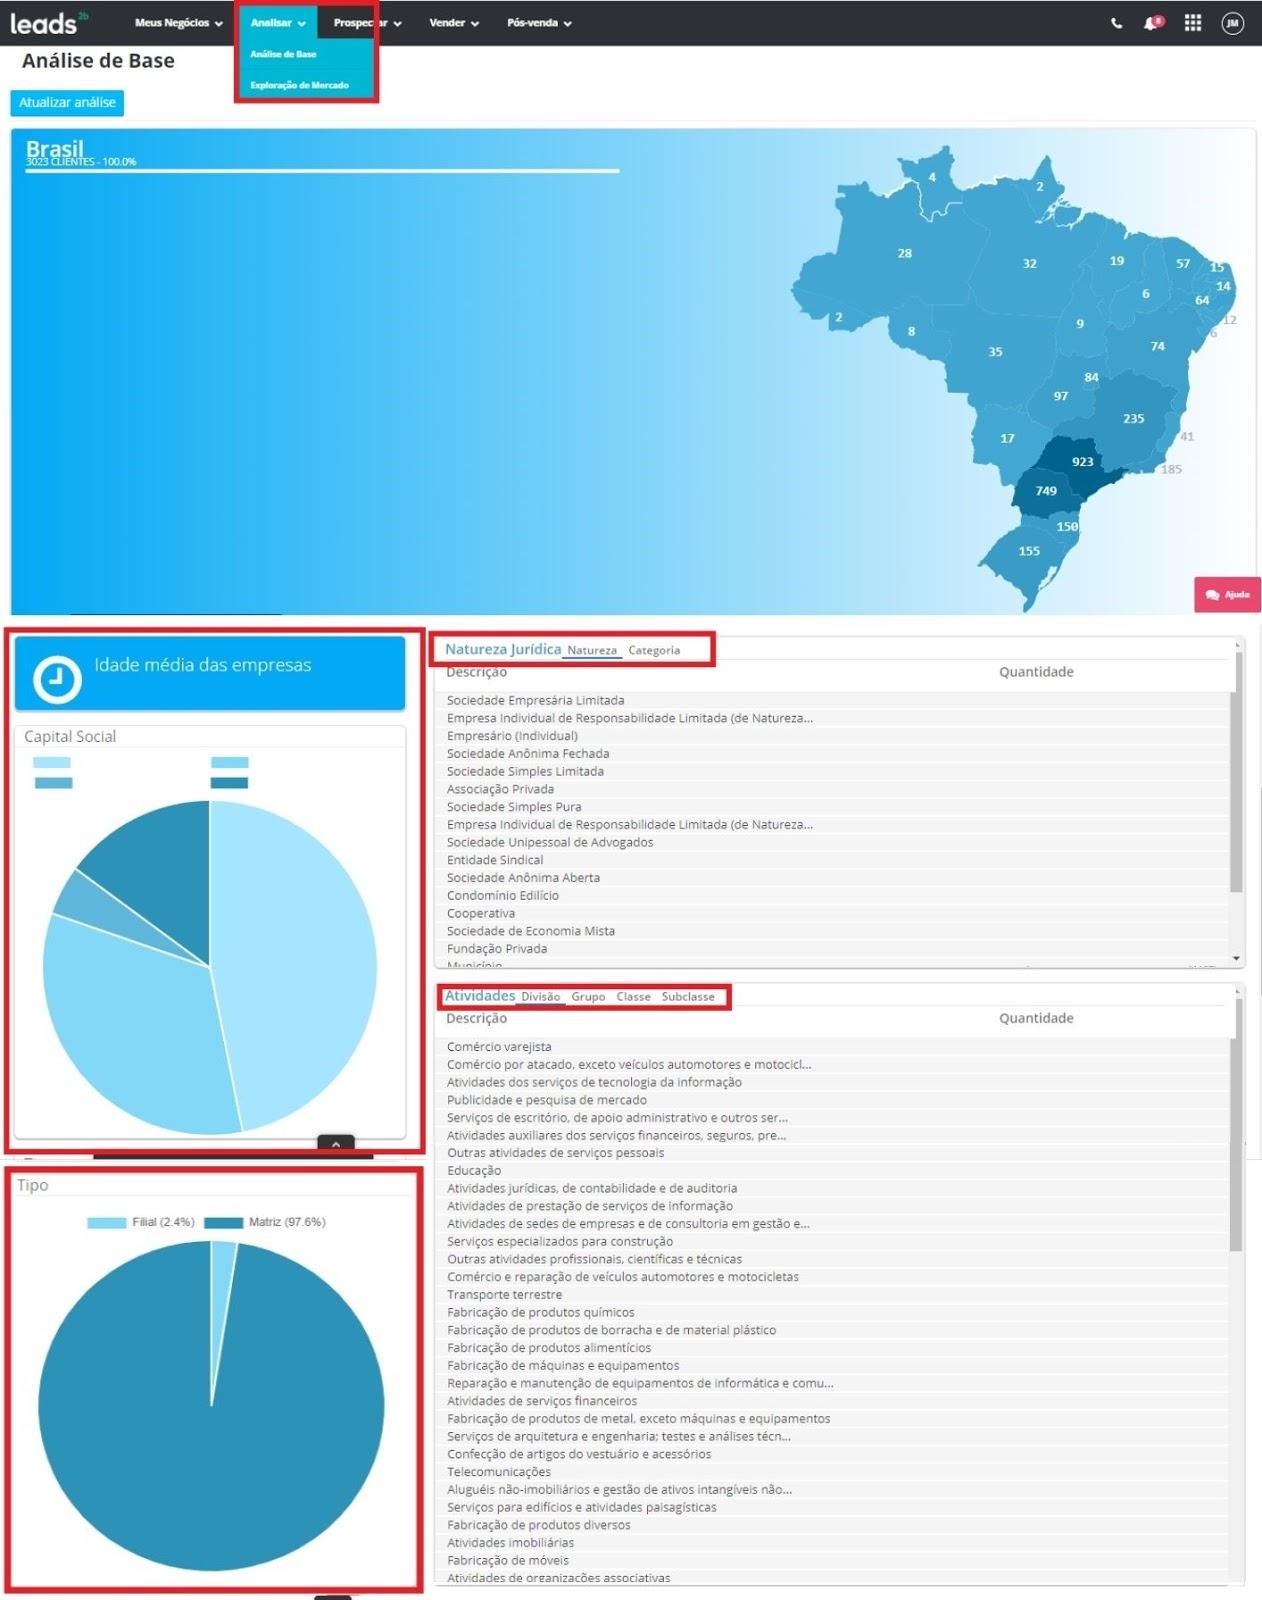 Com a Leads2b, você pode analisar sua base para extrair dados sobre o seu público alvo (idade média das empresas, localização, tipo, as atividades que desempenham e sua natureza jurídica)